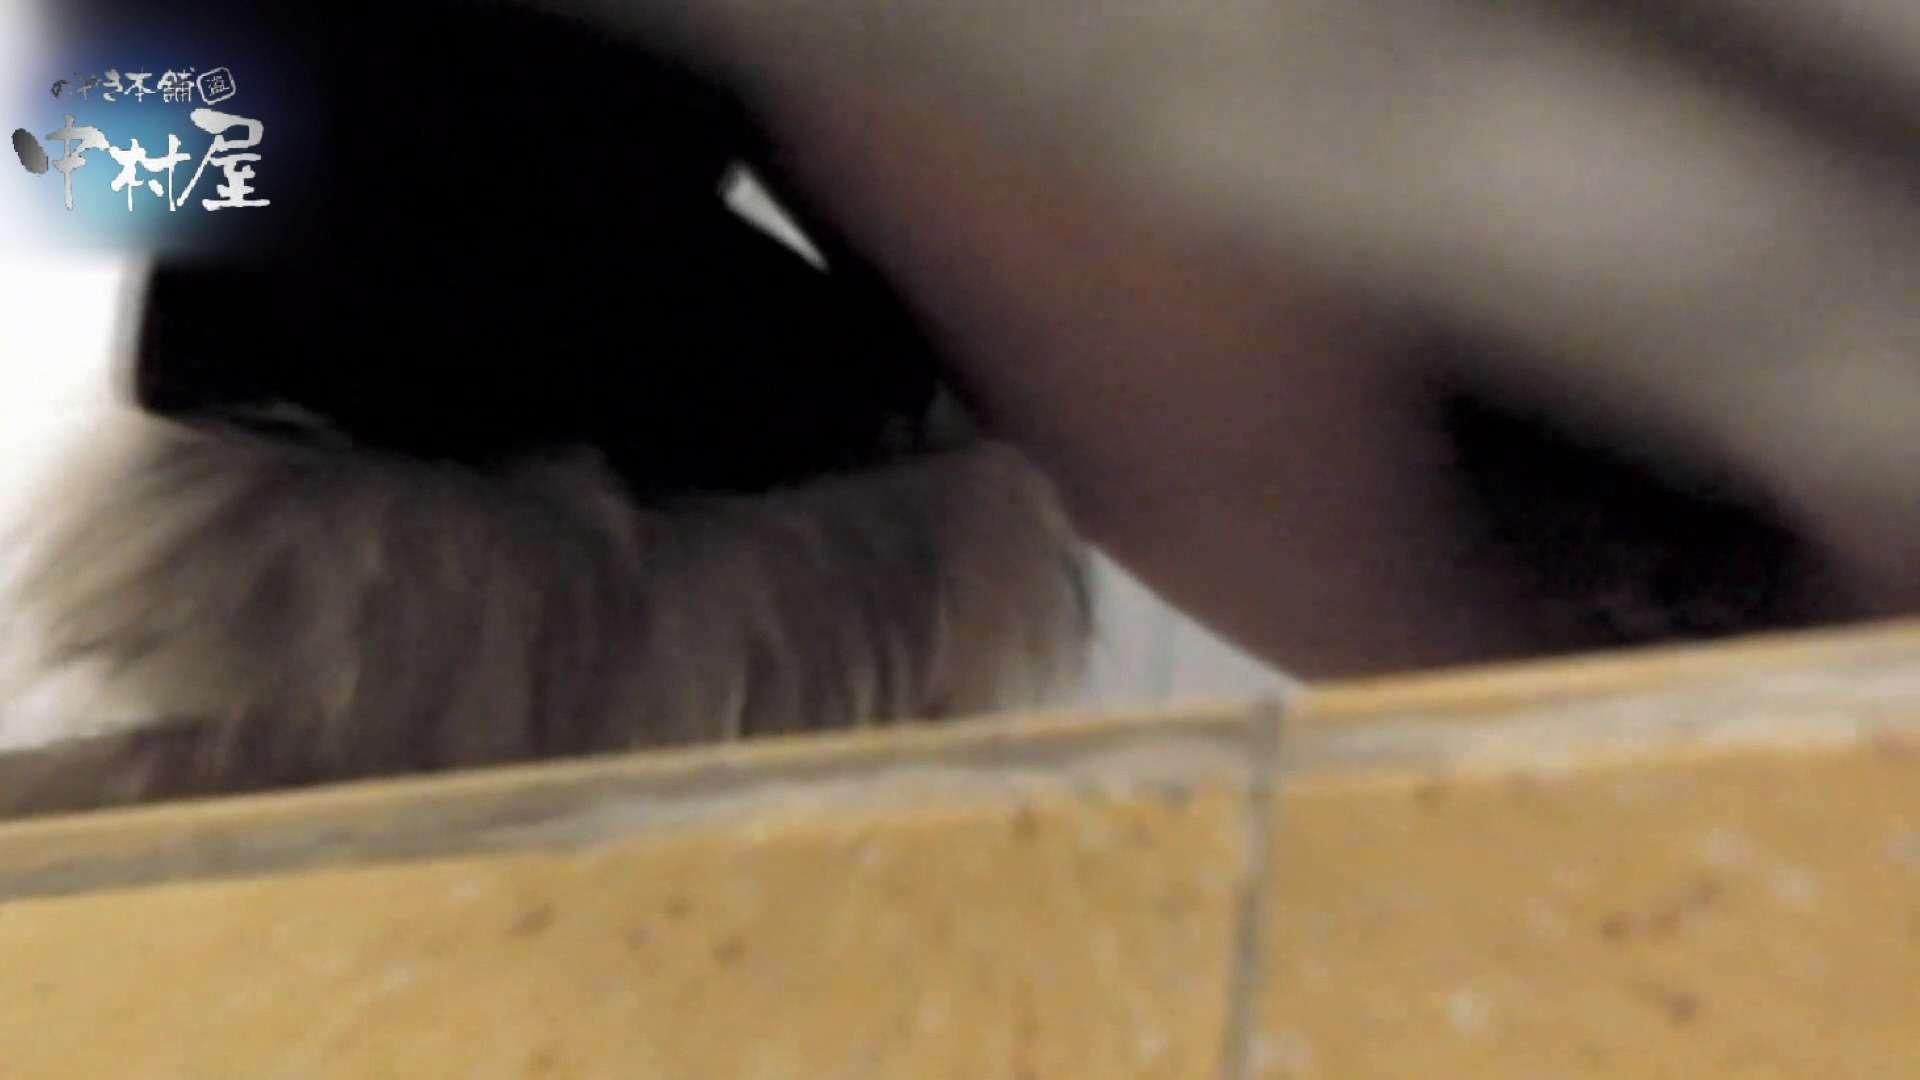 乙女集まる!ショッピングモール潜入撮vol.05 乙女エロ画像 セックス画像 109PICs 9